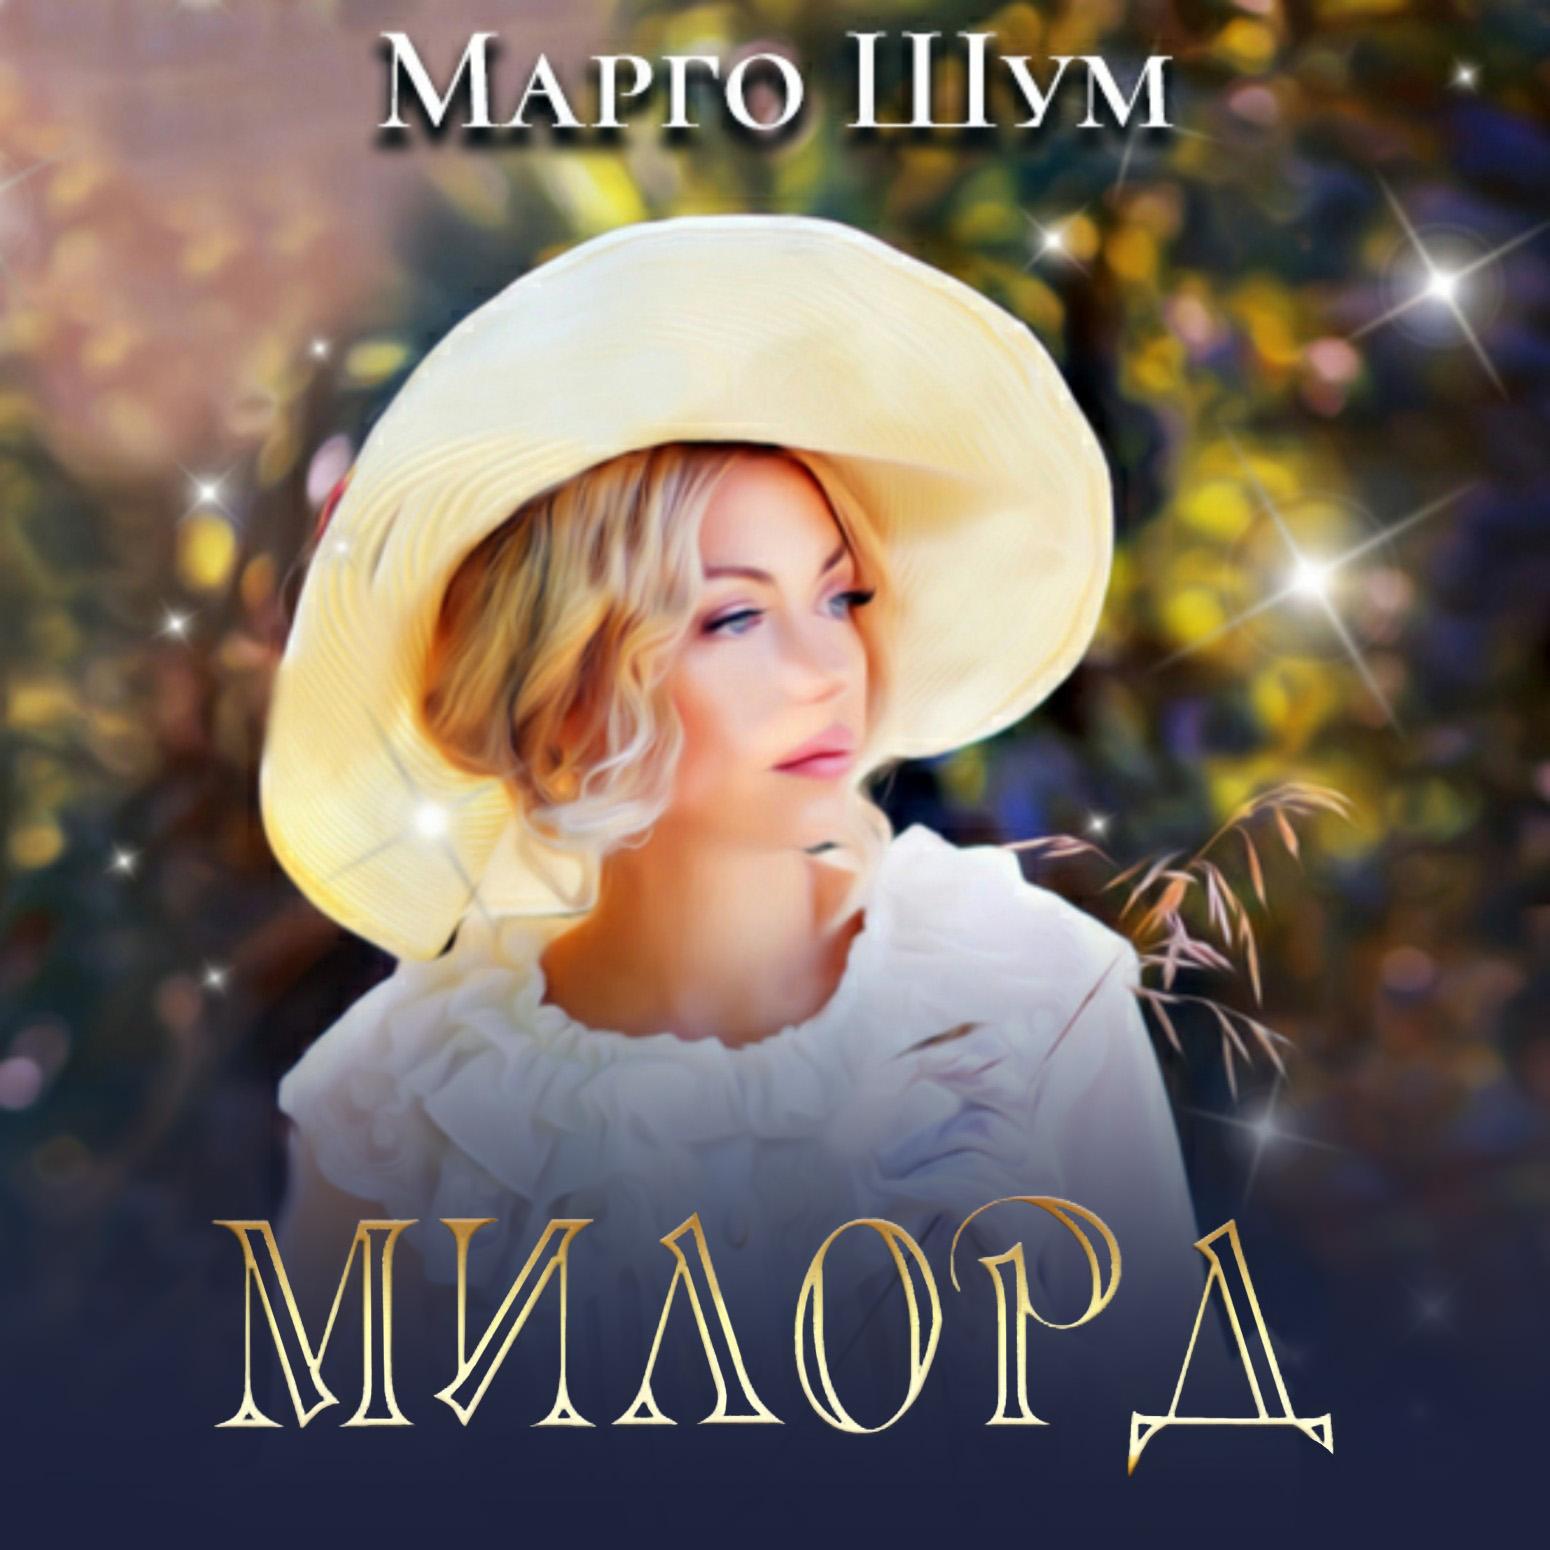 Купить книгу Милорд, автора Марго Шума